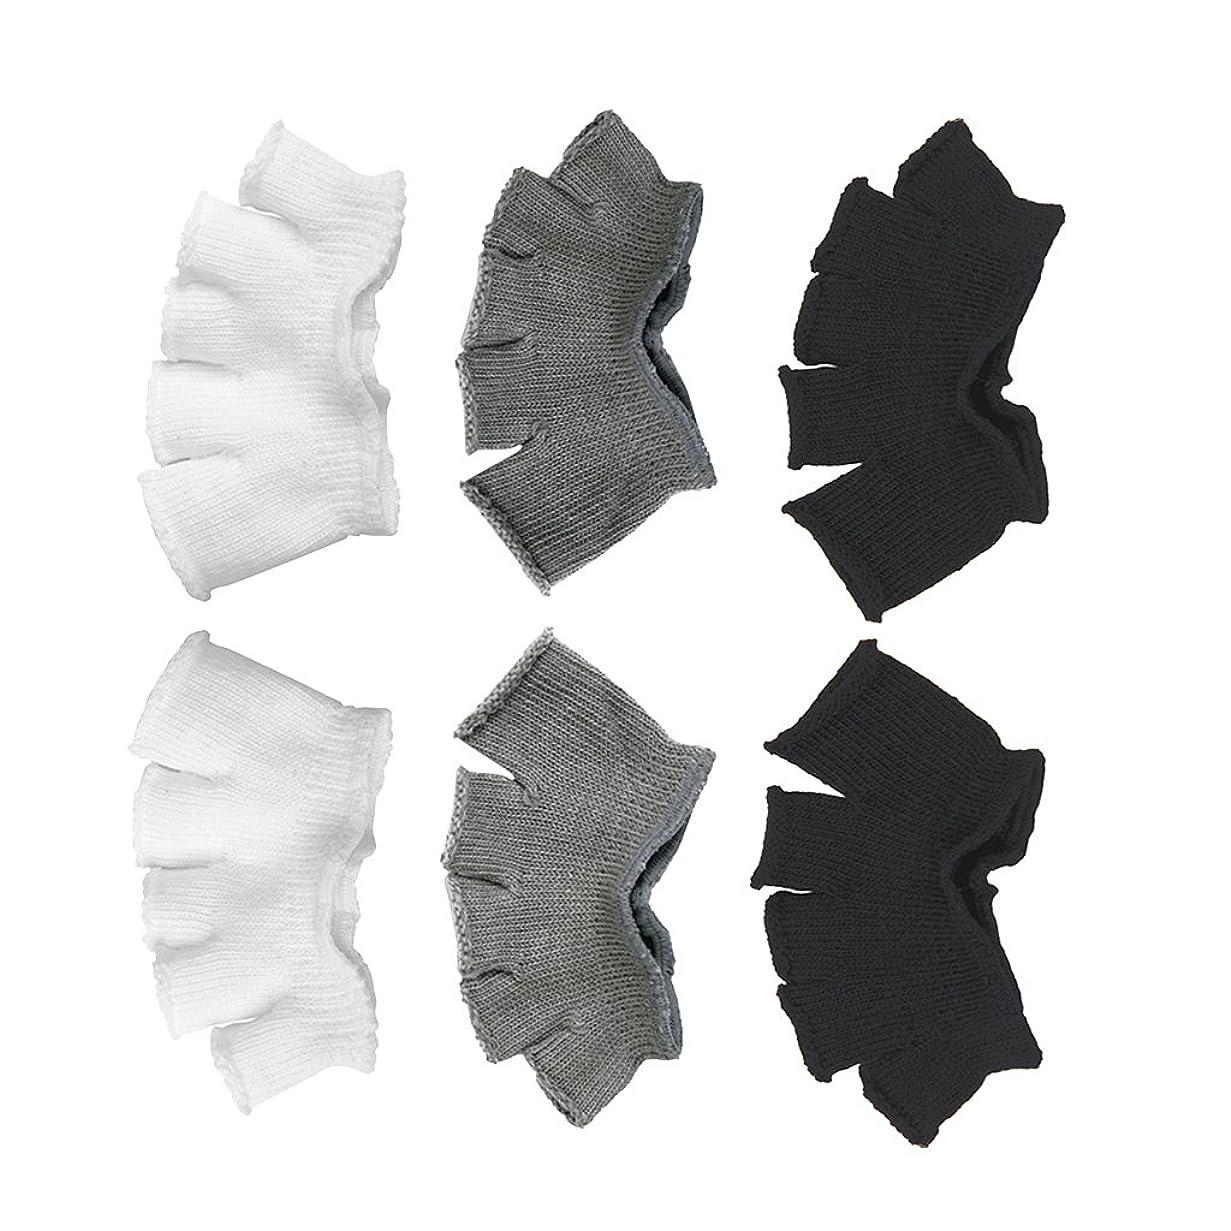 天文学ピアノを弾くプラスチックFootful 5本指カバー 爽快指の間カバー 3色(12枚入) 6ペア 男女兼用 足の臭い対策 抗菌 防臭 フットカバー ブラック/ホワイト/グレー